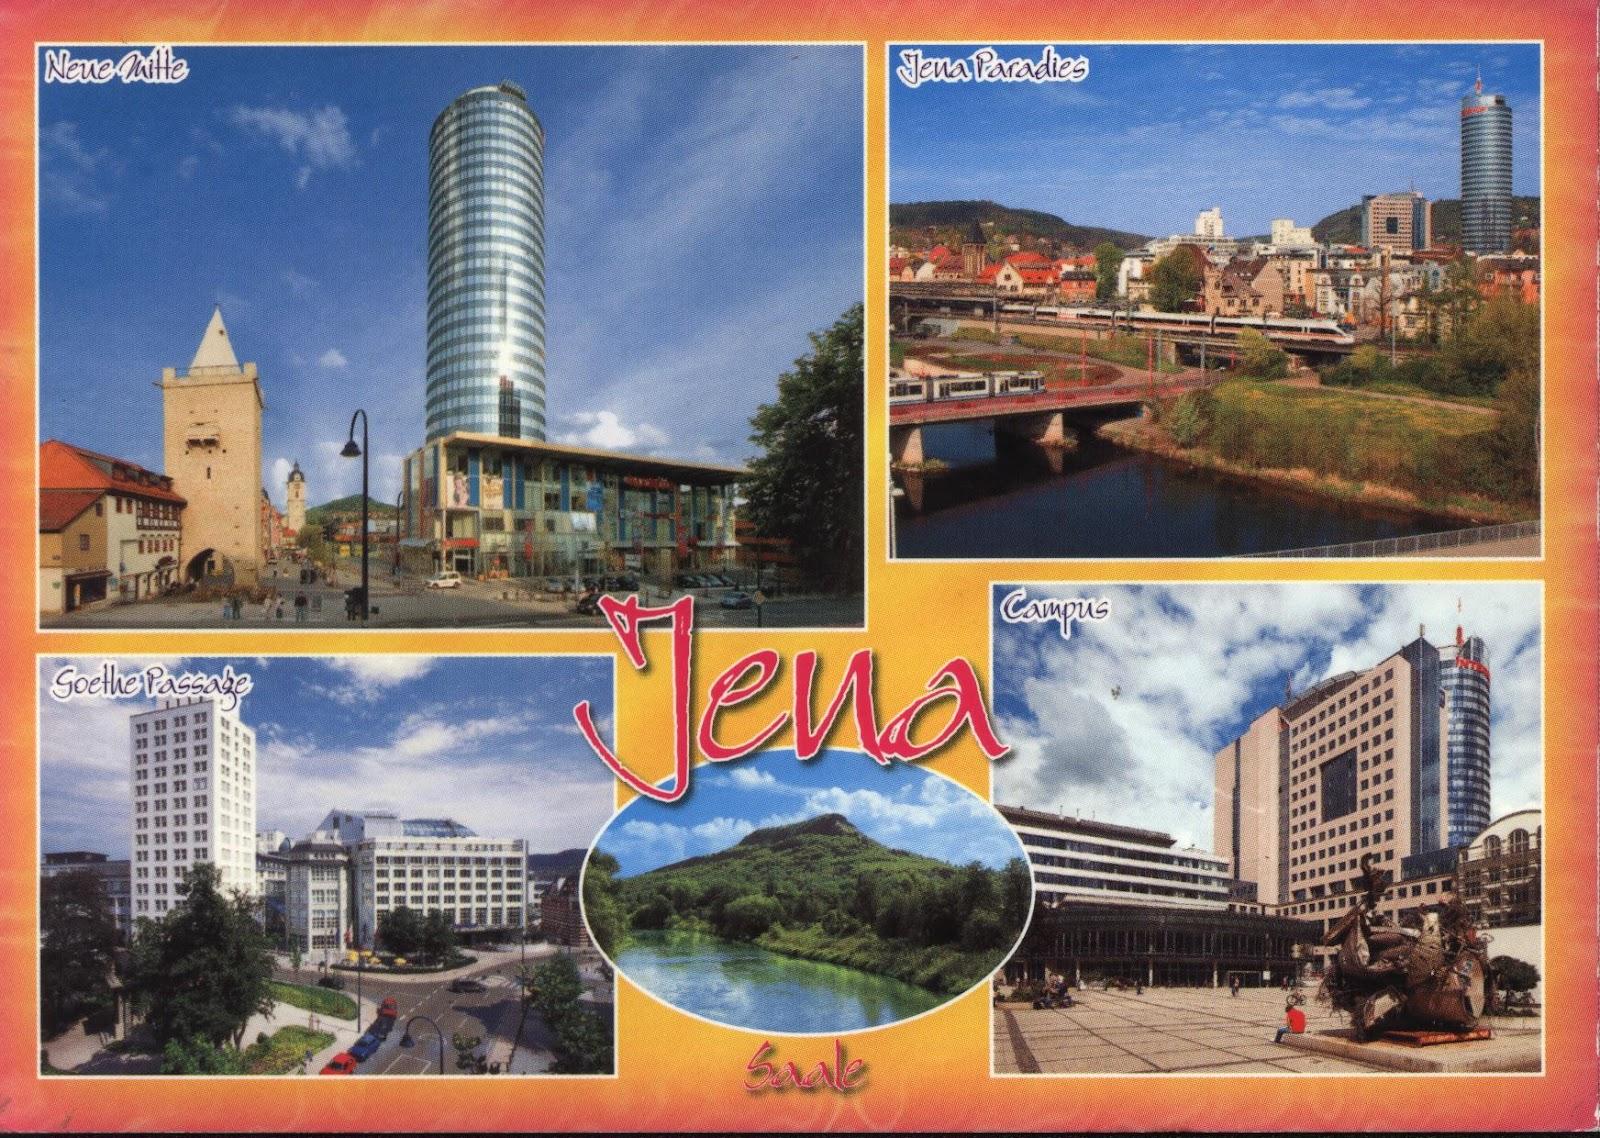 Pošalji mi razglednicu, neću SMS, po azbuci - Page 5 20120511-DE1346721